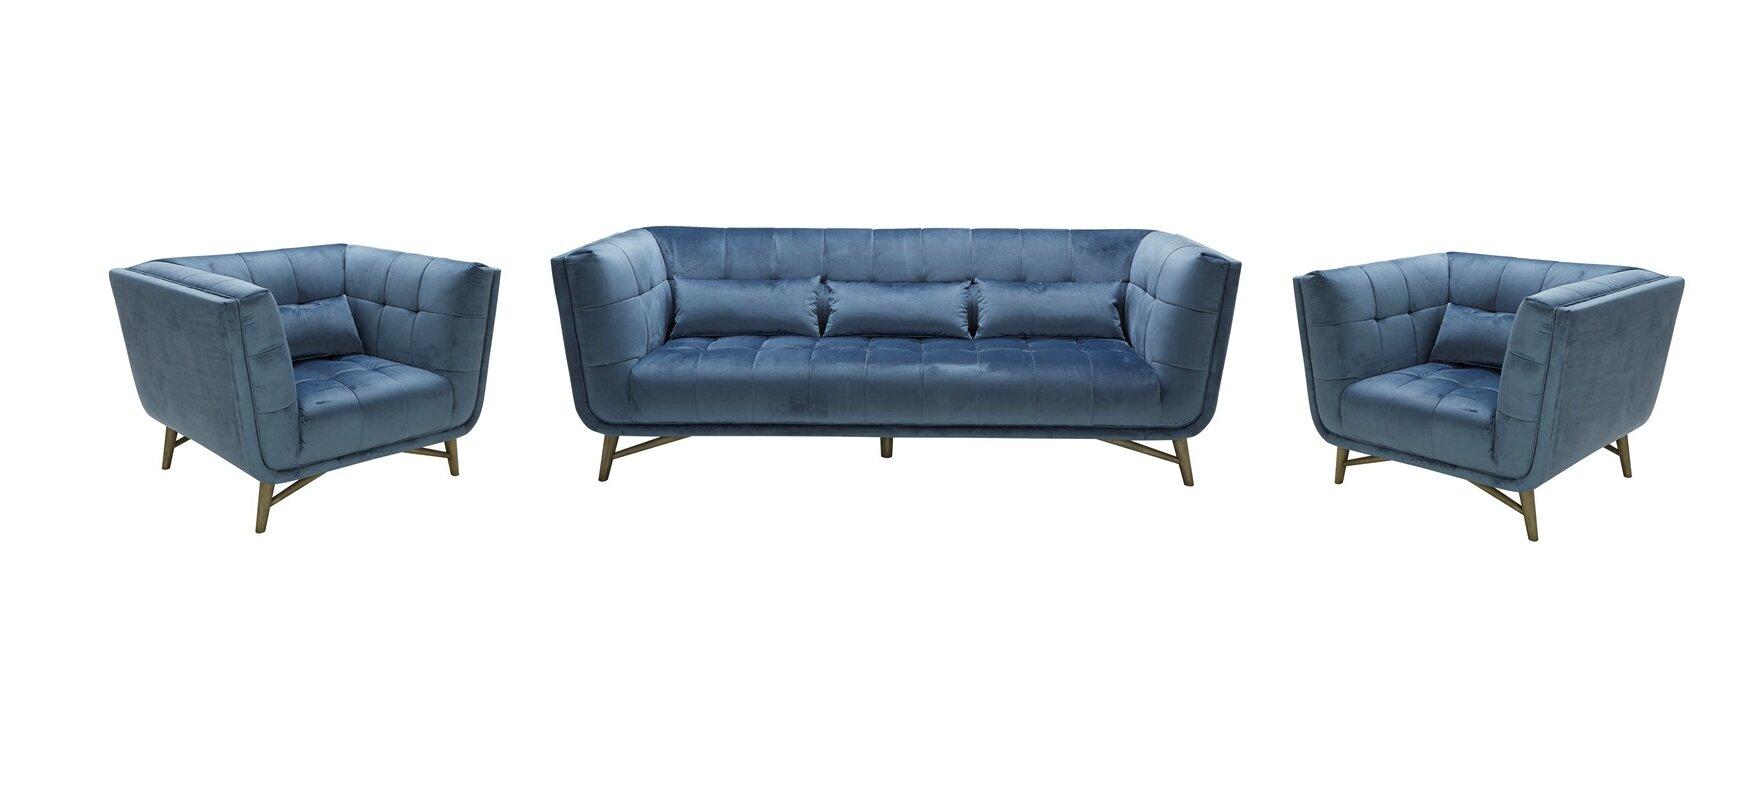 Brayden Studio Aaden 3 Piece Living Room Set & Reviews | Wayfair